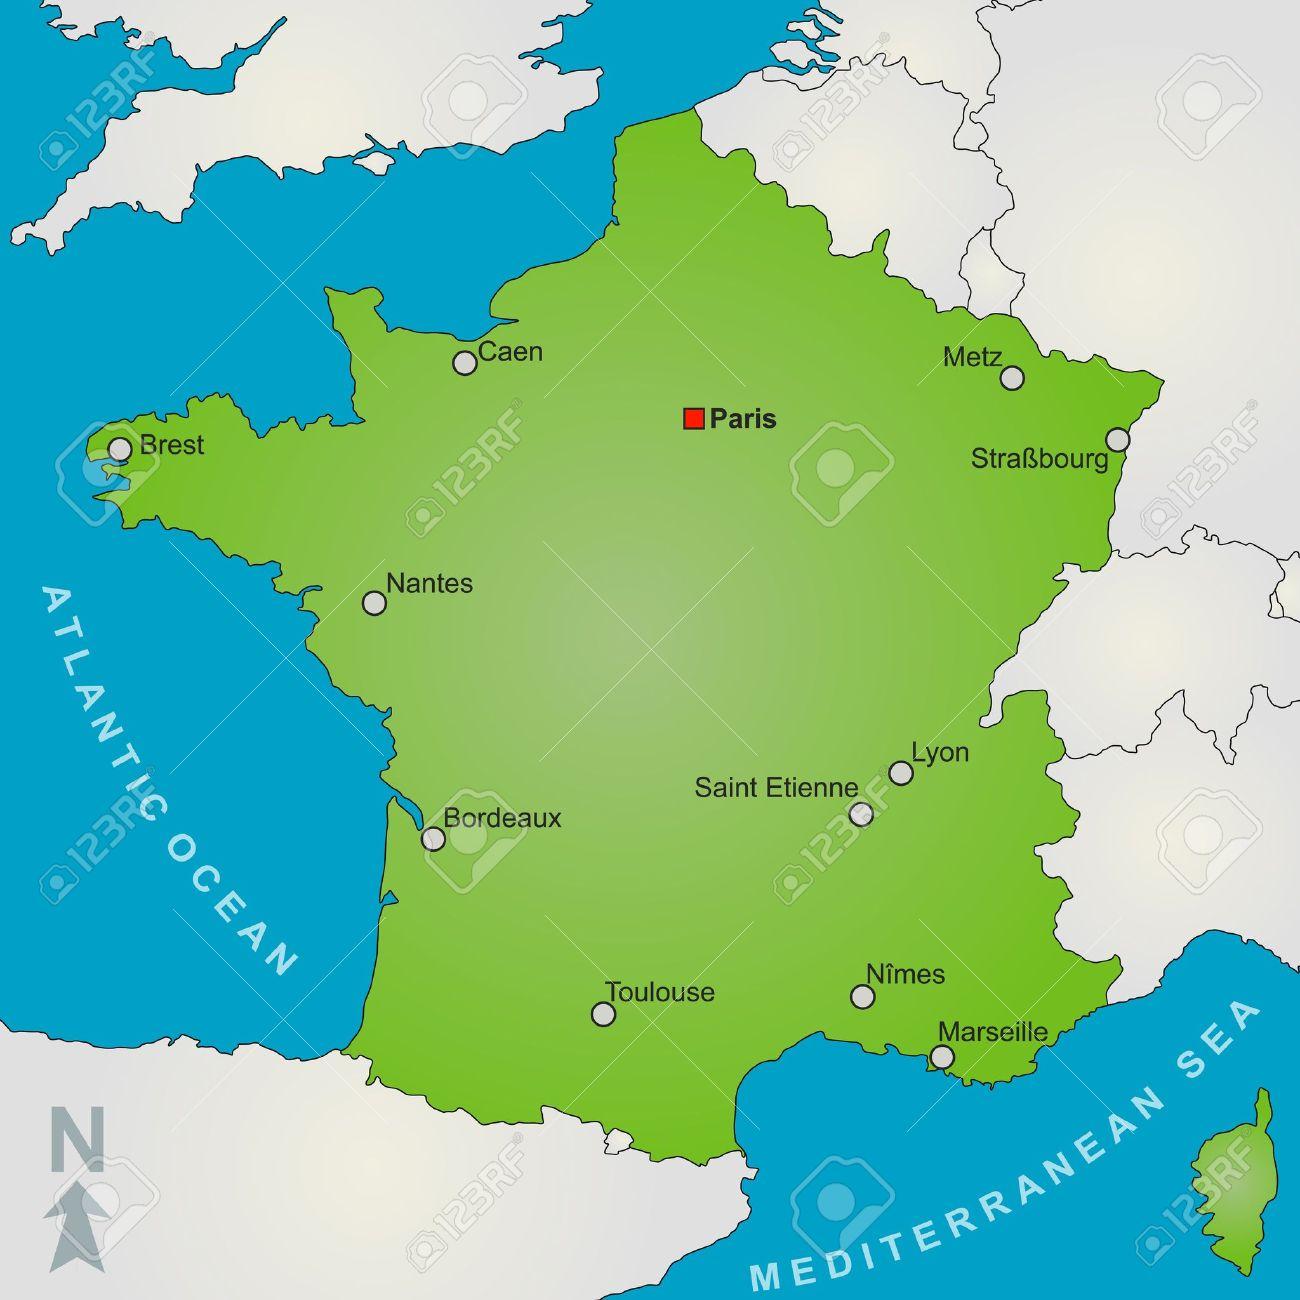 Cartina Francia Con Citta.Una Mappa Stilizzata Della Francia Da Piu Grandi Citta E Paesi Vicini